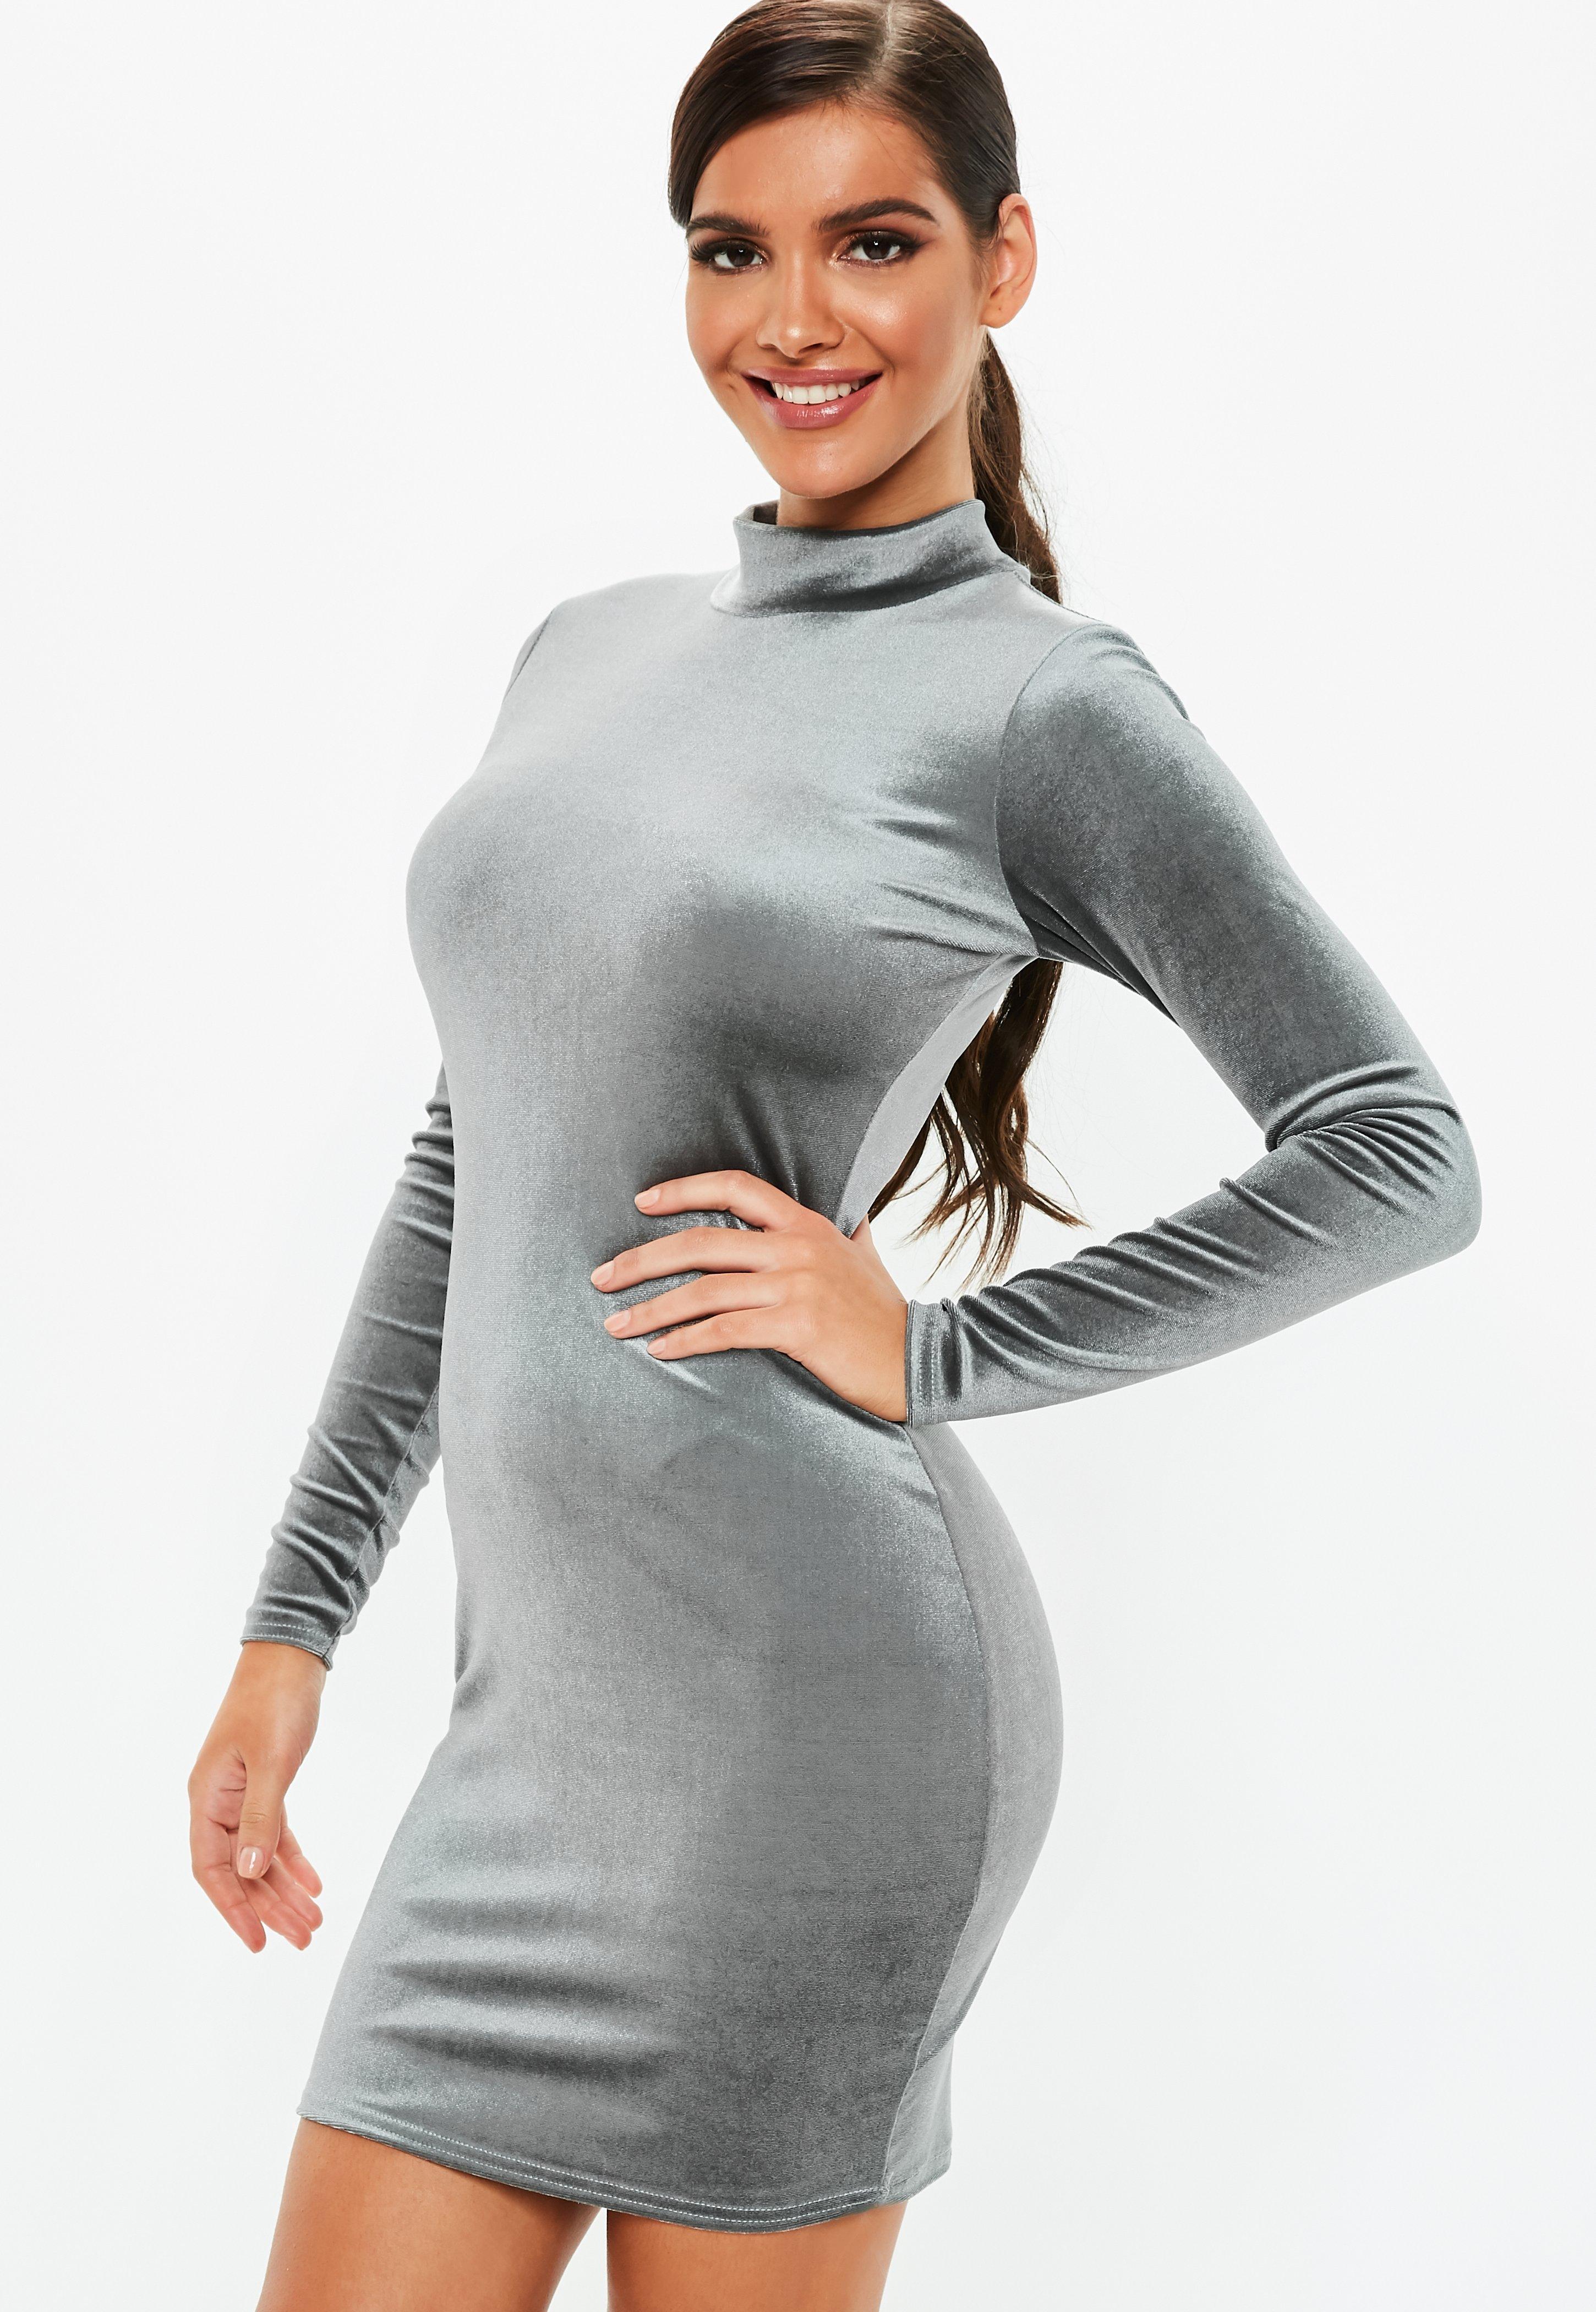 d6c98f1c39 Vestido corto tall de cuello alto de terciopelo en gris | Missguided